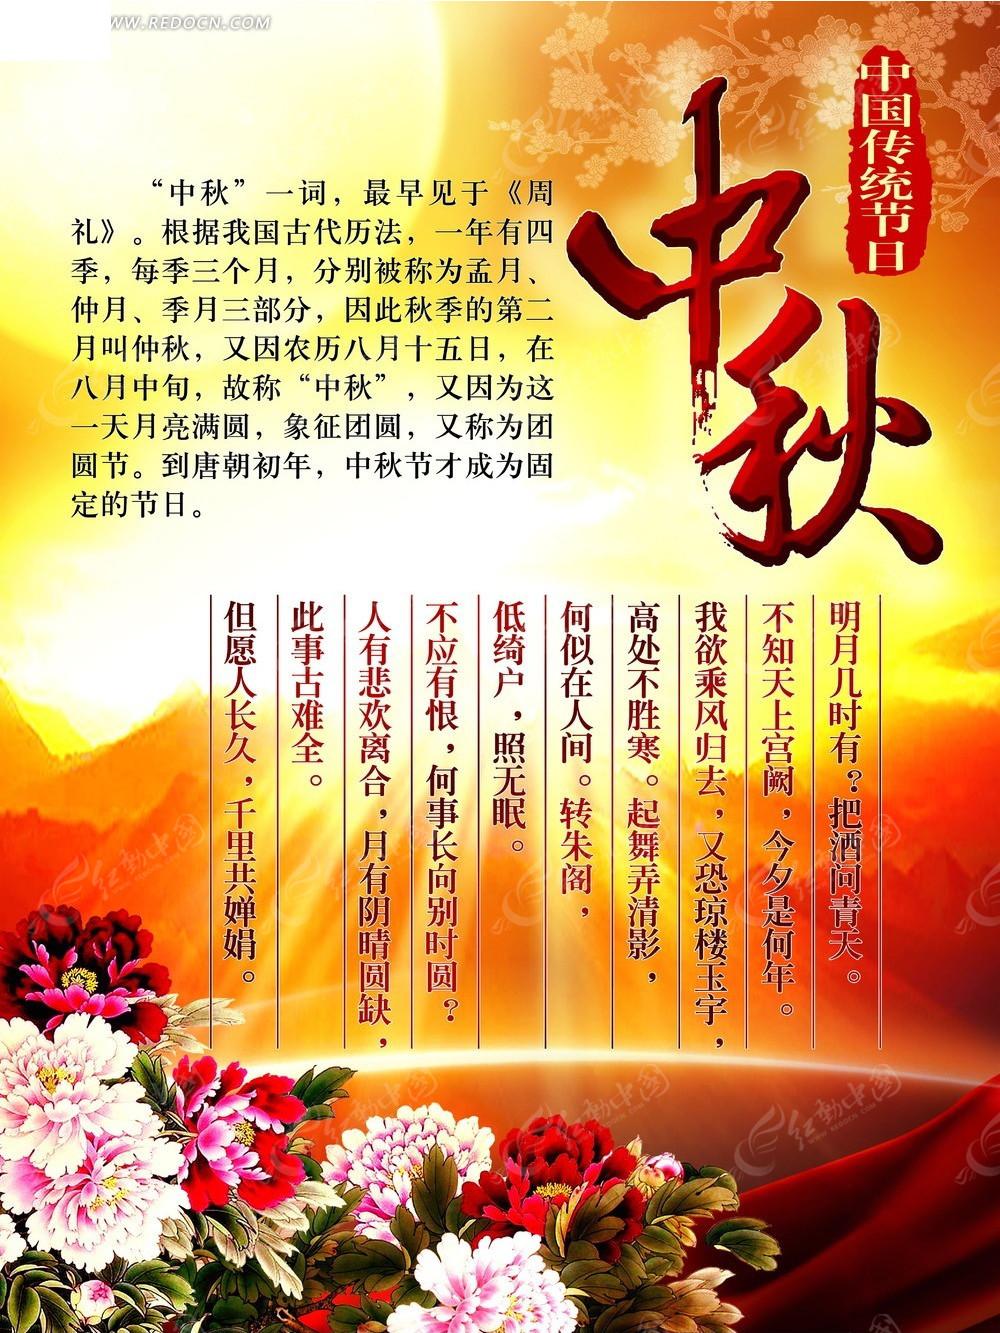 中国传统节日简笔画 中国传统节日手抄报 中国传统节日美食